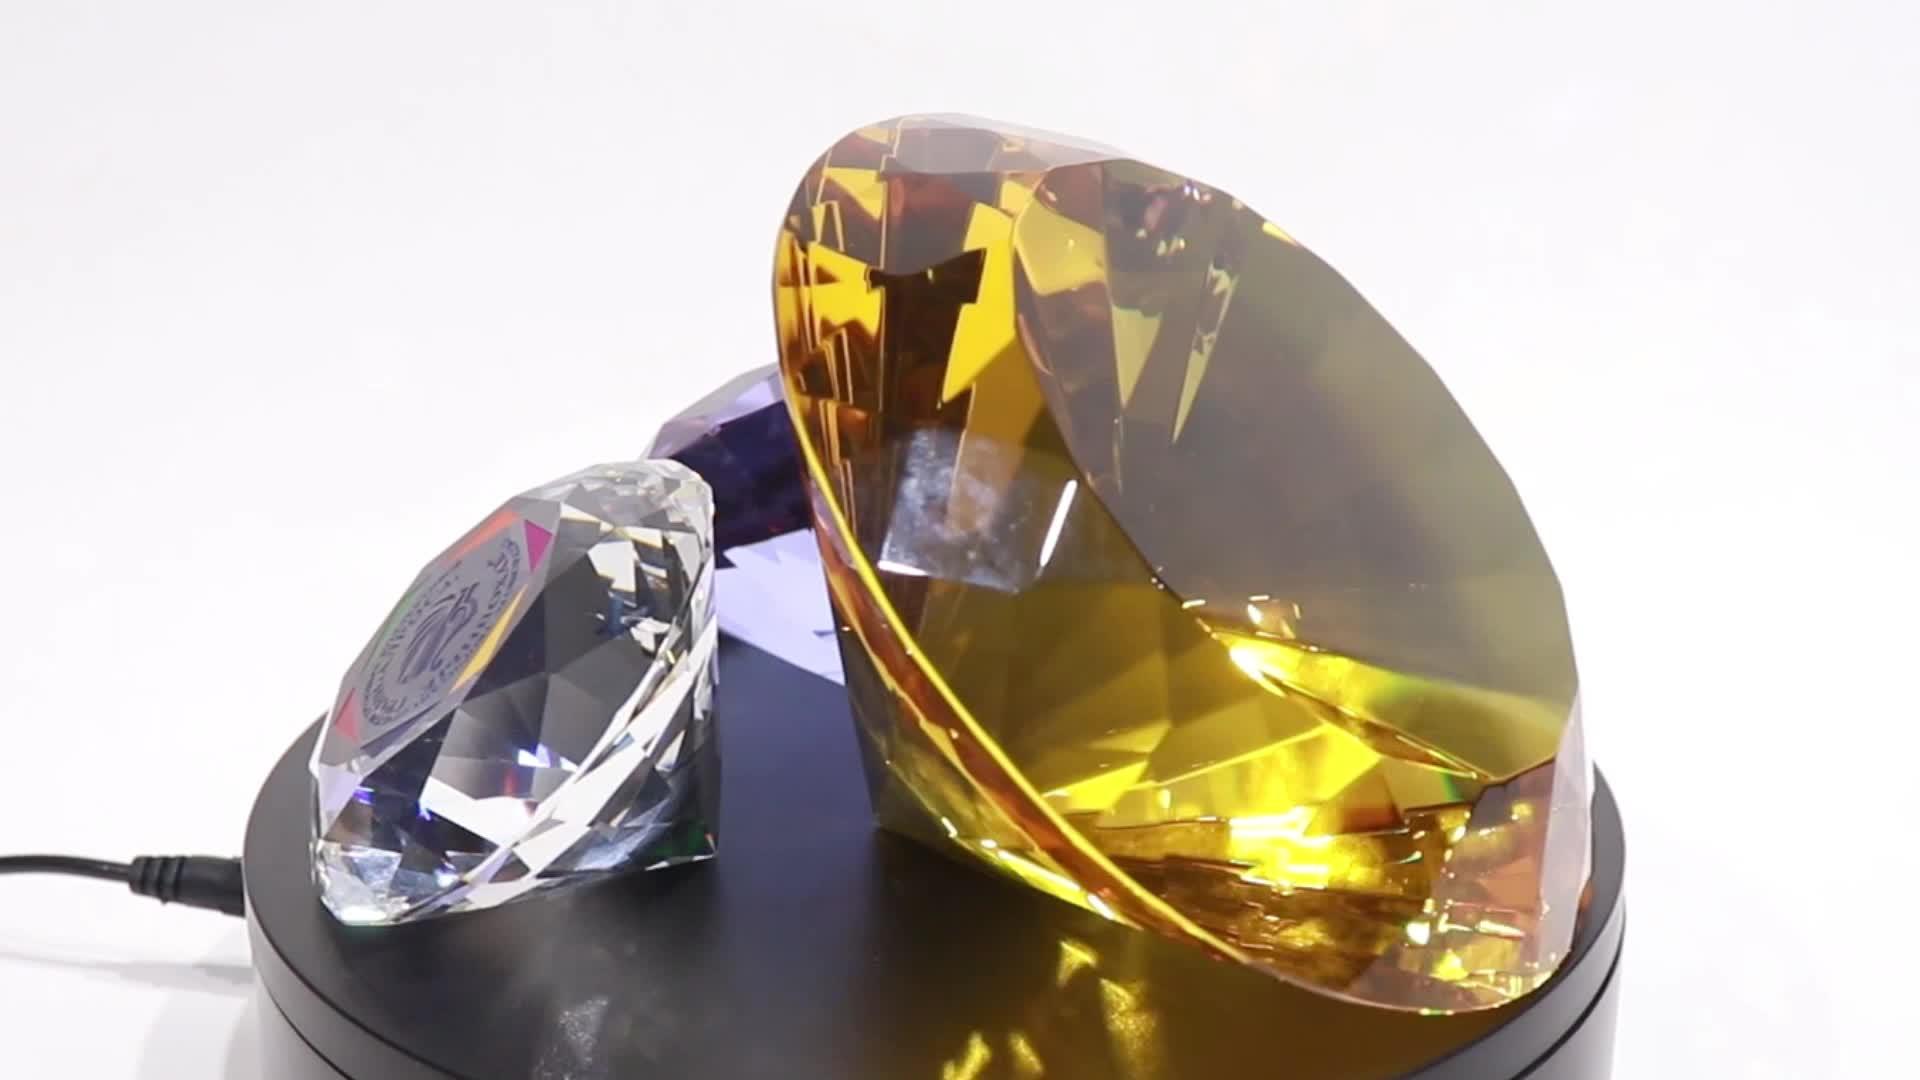 Natürlicher Kristall des heißen Verkaufs fertigt Diamanten für Geschenke